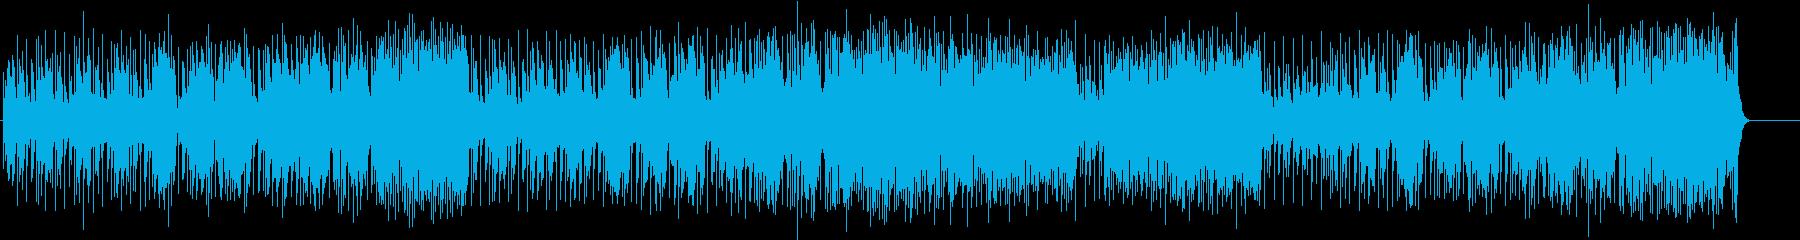 弾みがエキセントリックなフュージョンの再生済みの波形